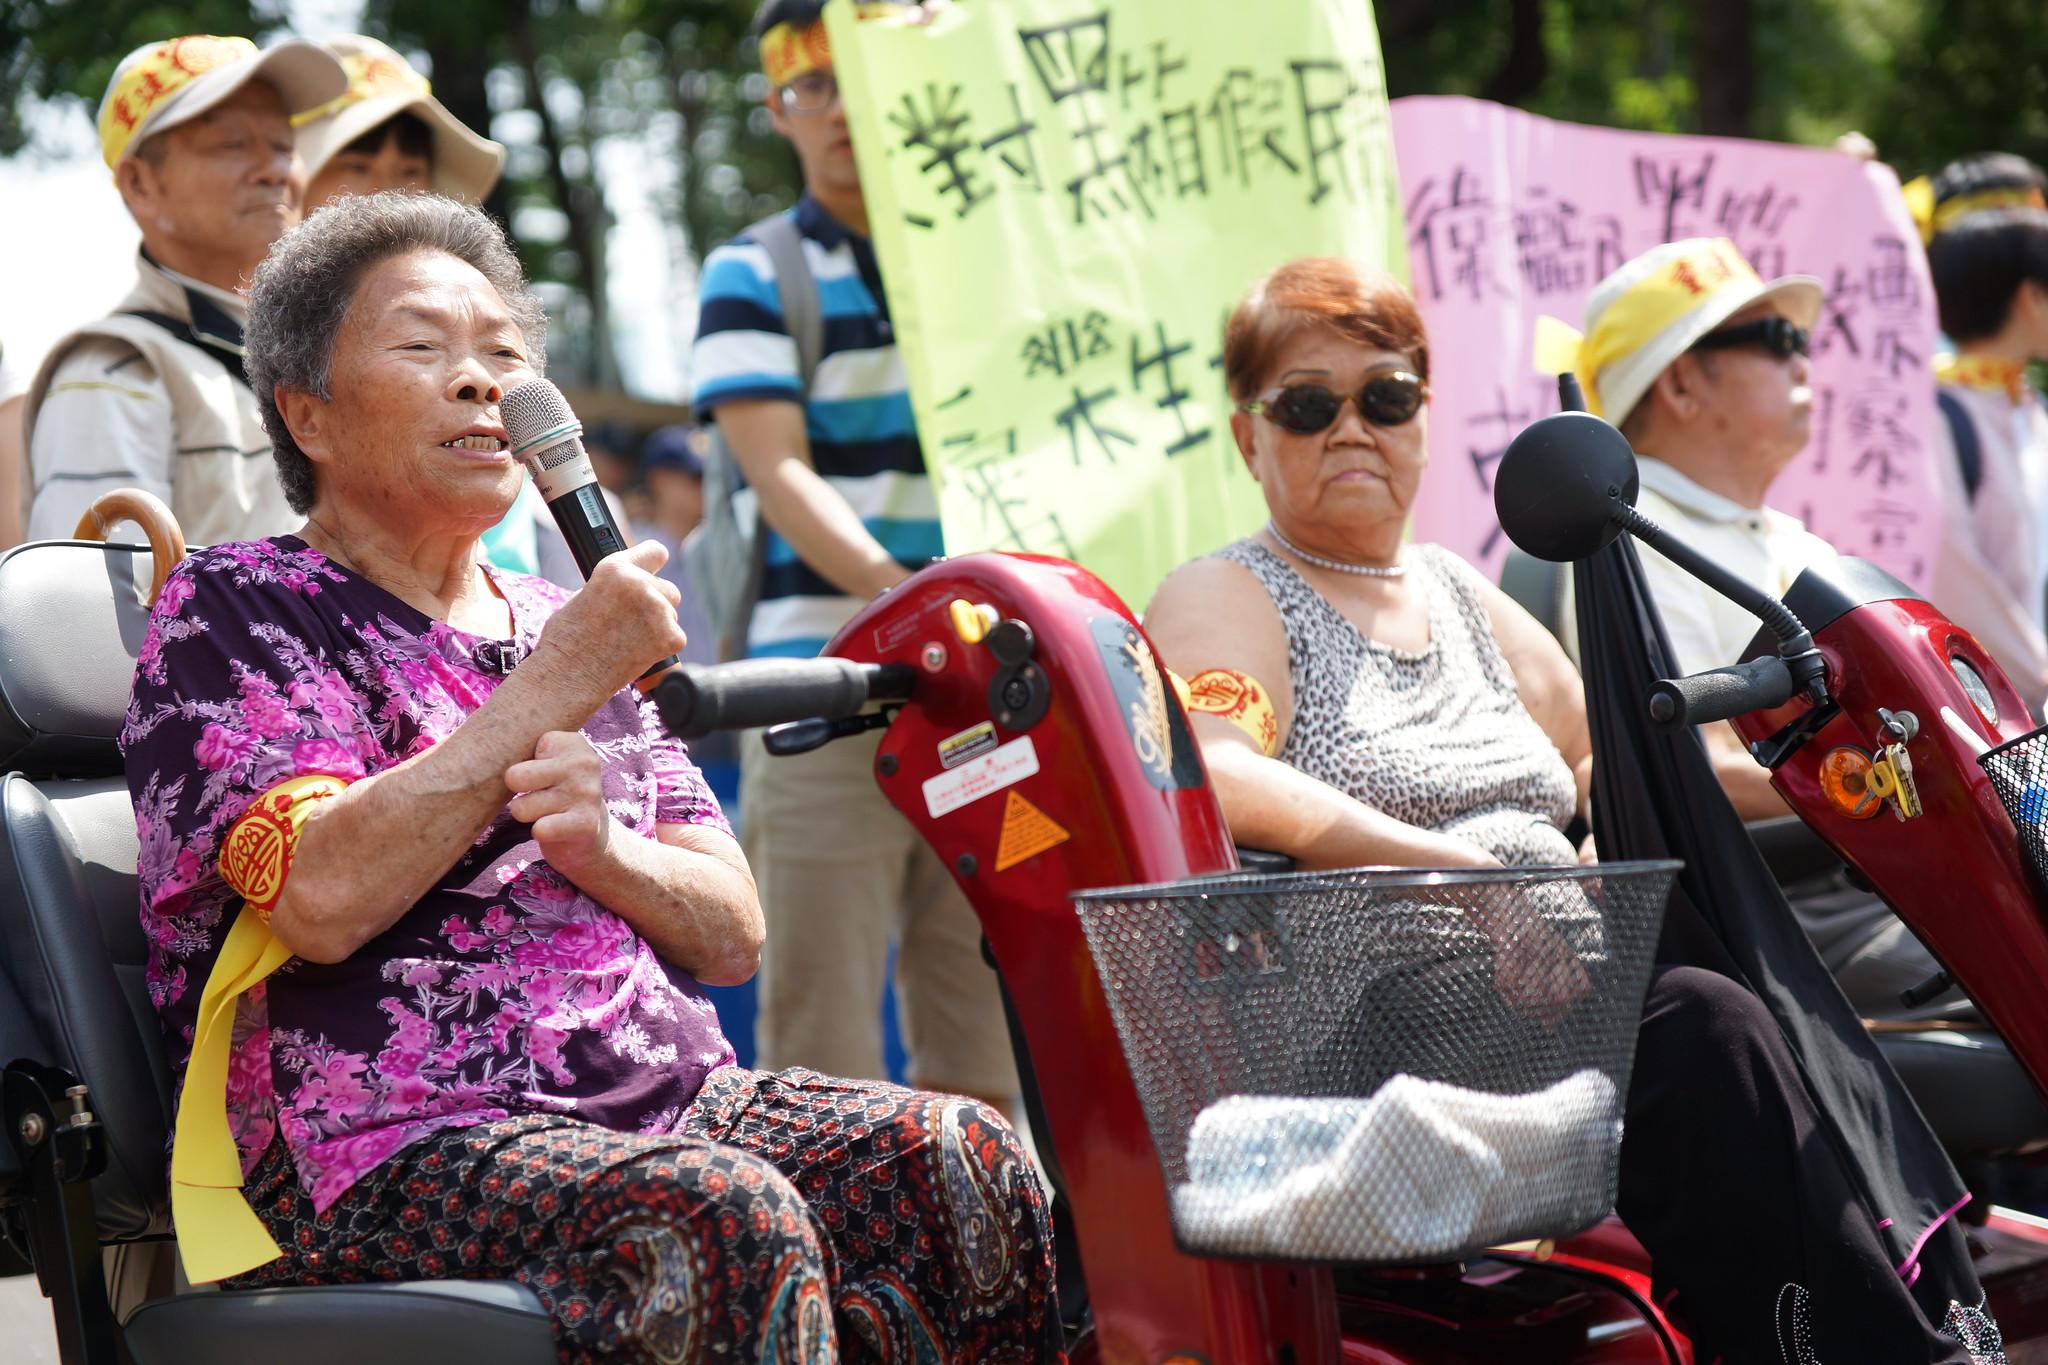 樂生院民再上街呼籲重審「大平台案」。(攝影:王顥中)